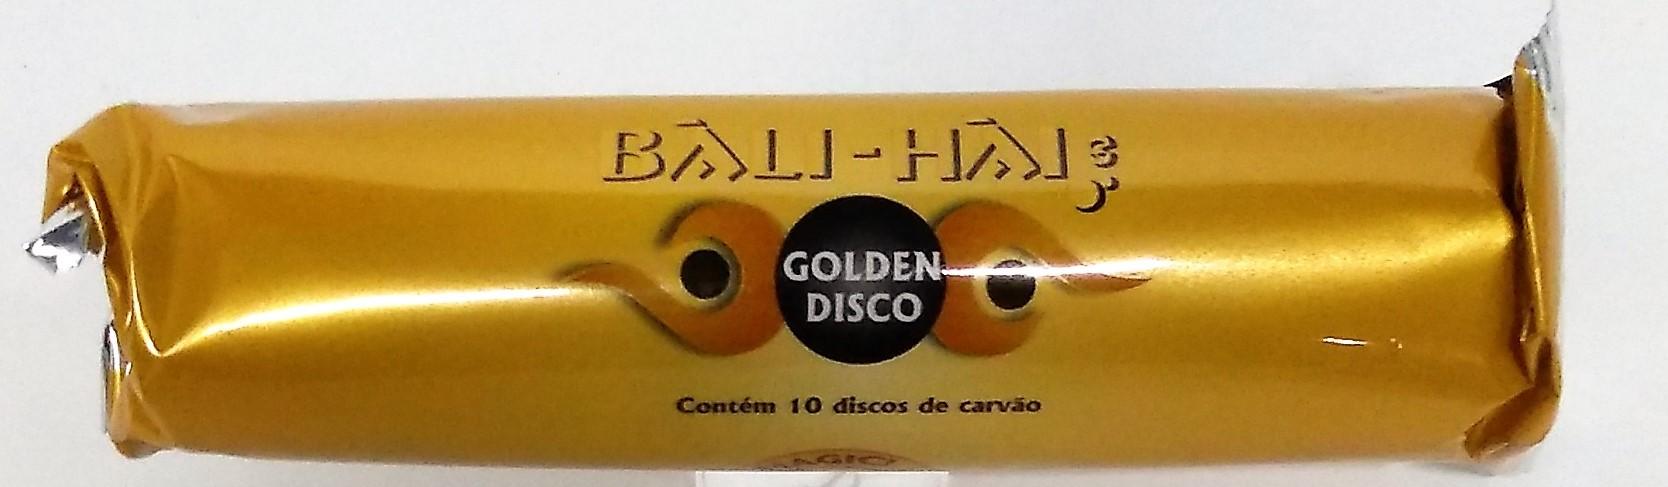 Carvão Bali-Hai Gold Disco